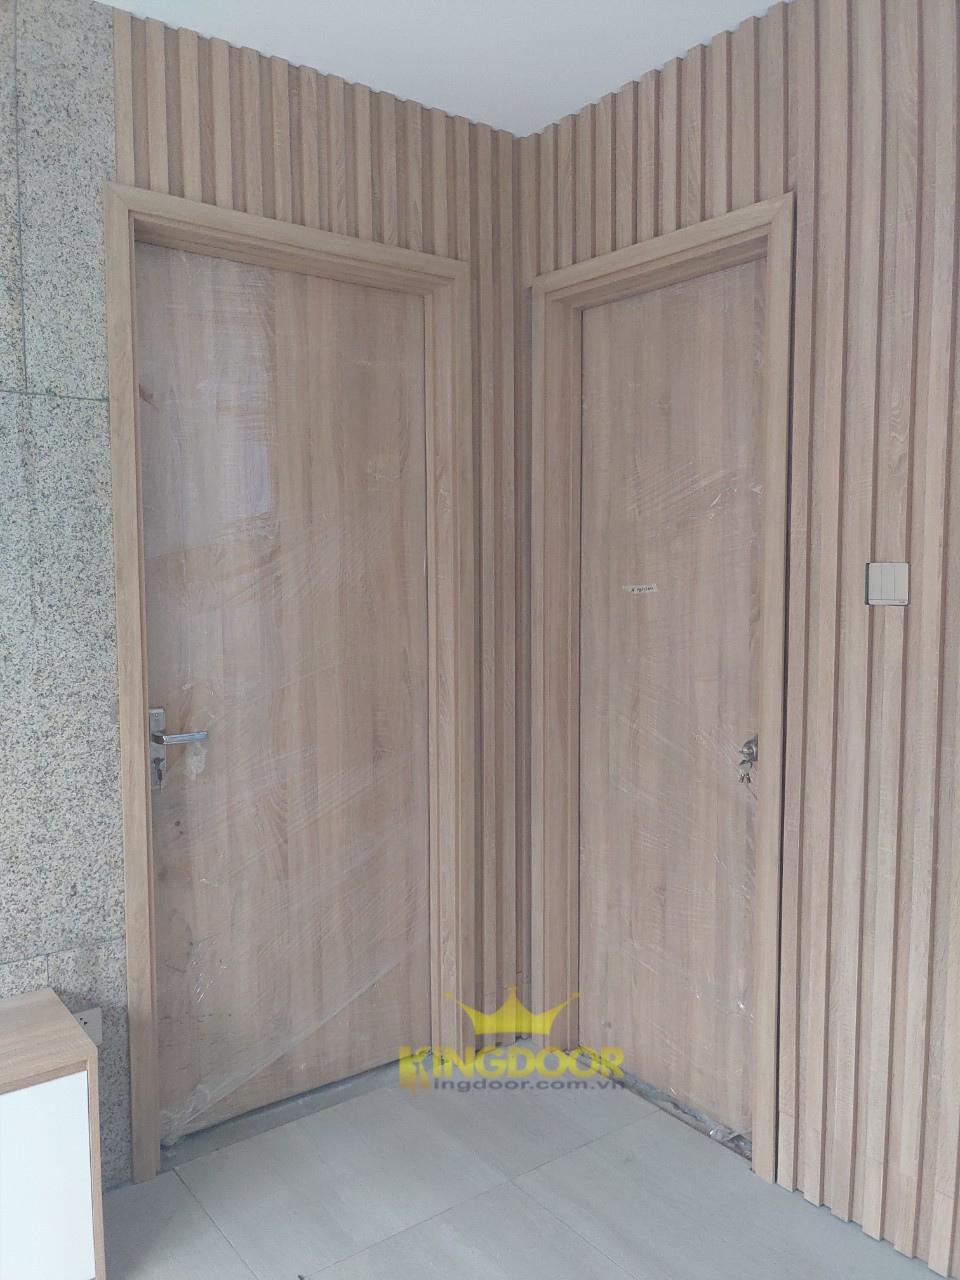 Lắp dựng hoàn thiện cửa gỗ công nghiệp MDF Melamine tại Q12